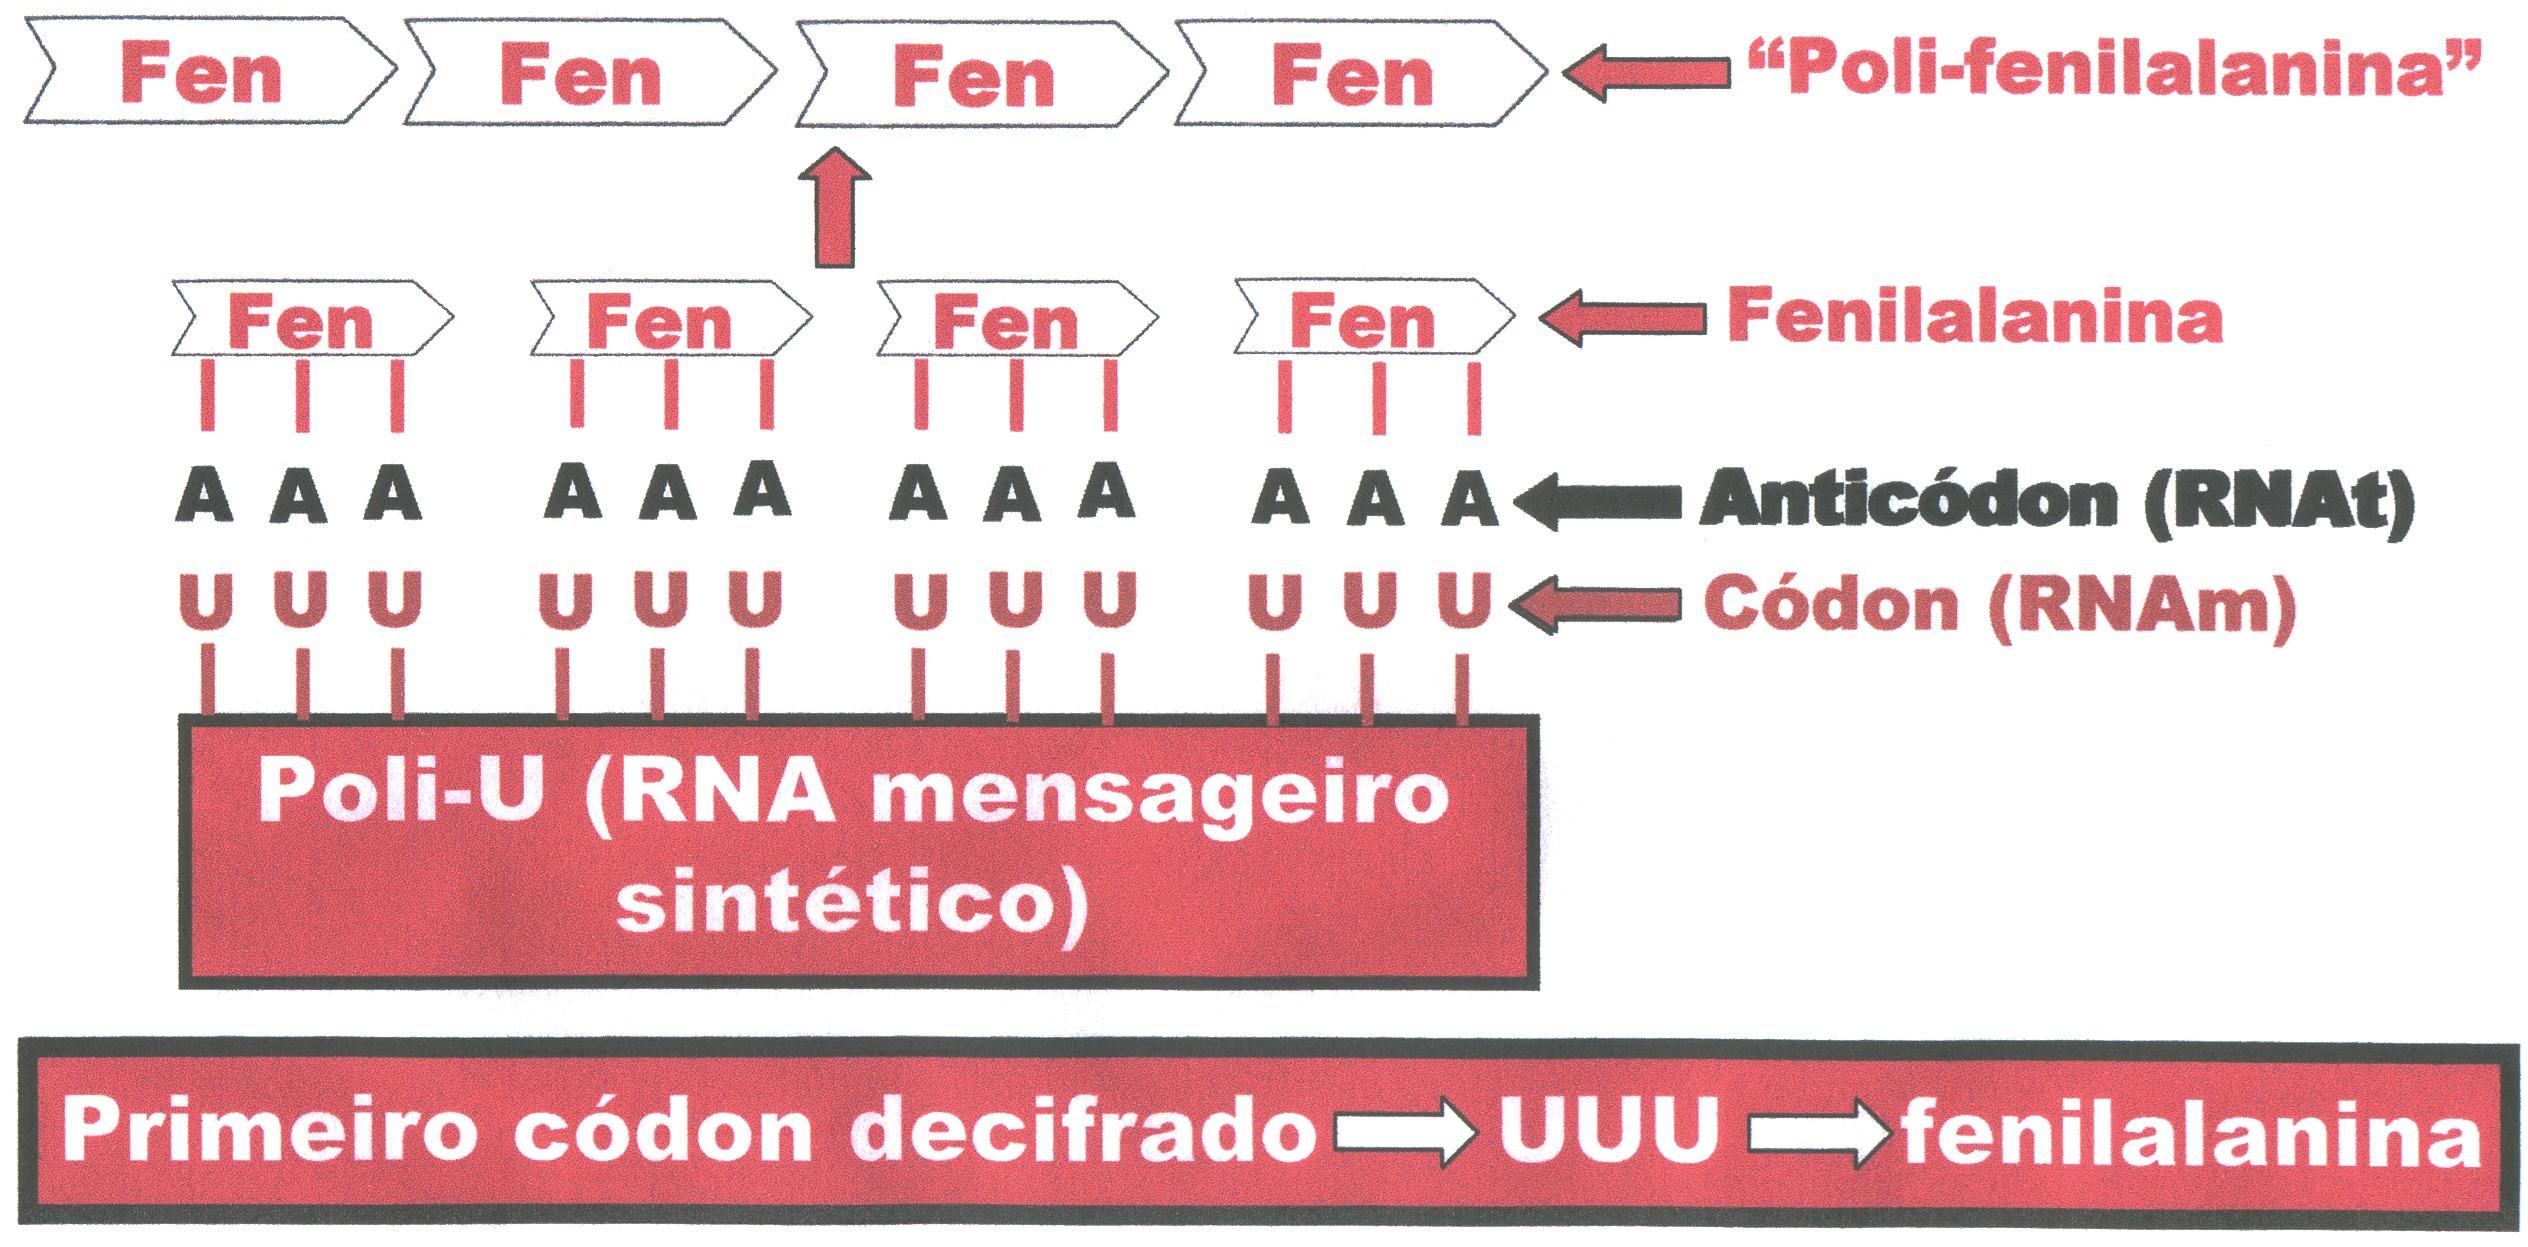 Uuu U >> CÓDIGO GENÉTICO | Blog do Prof. Djalma Santos